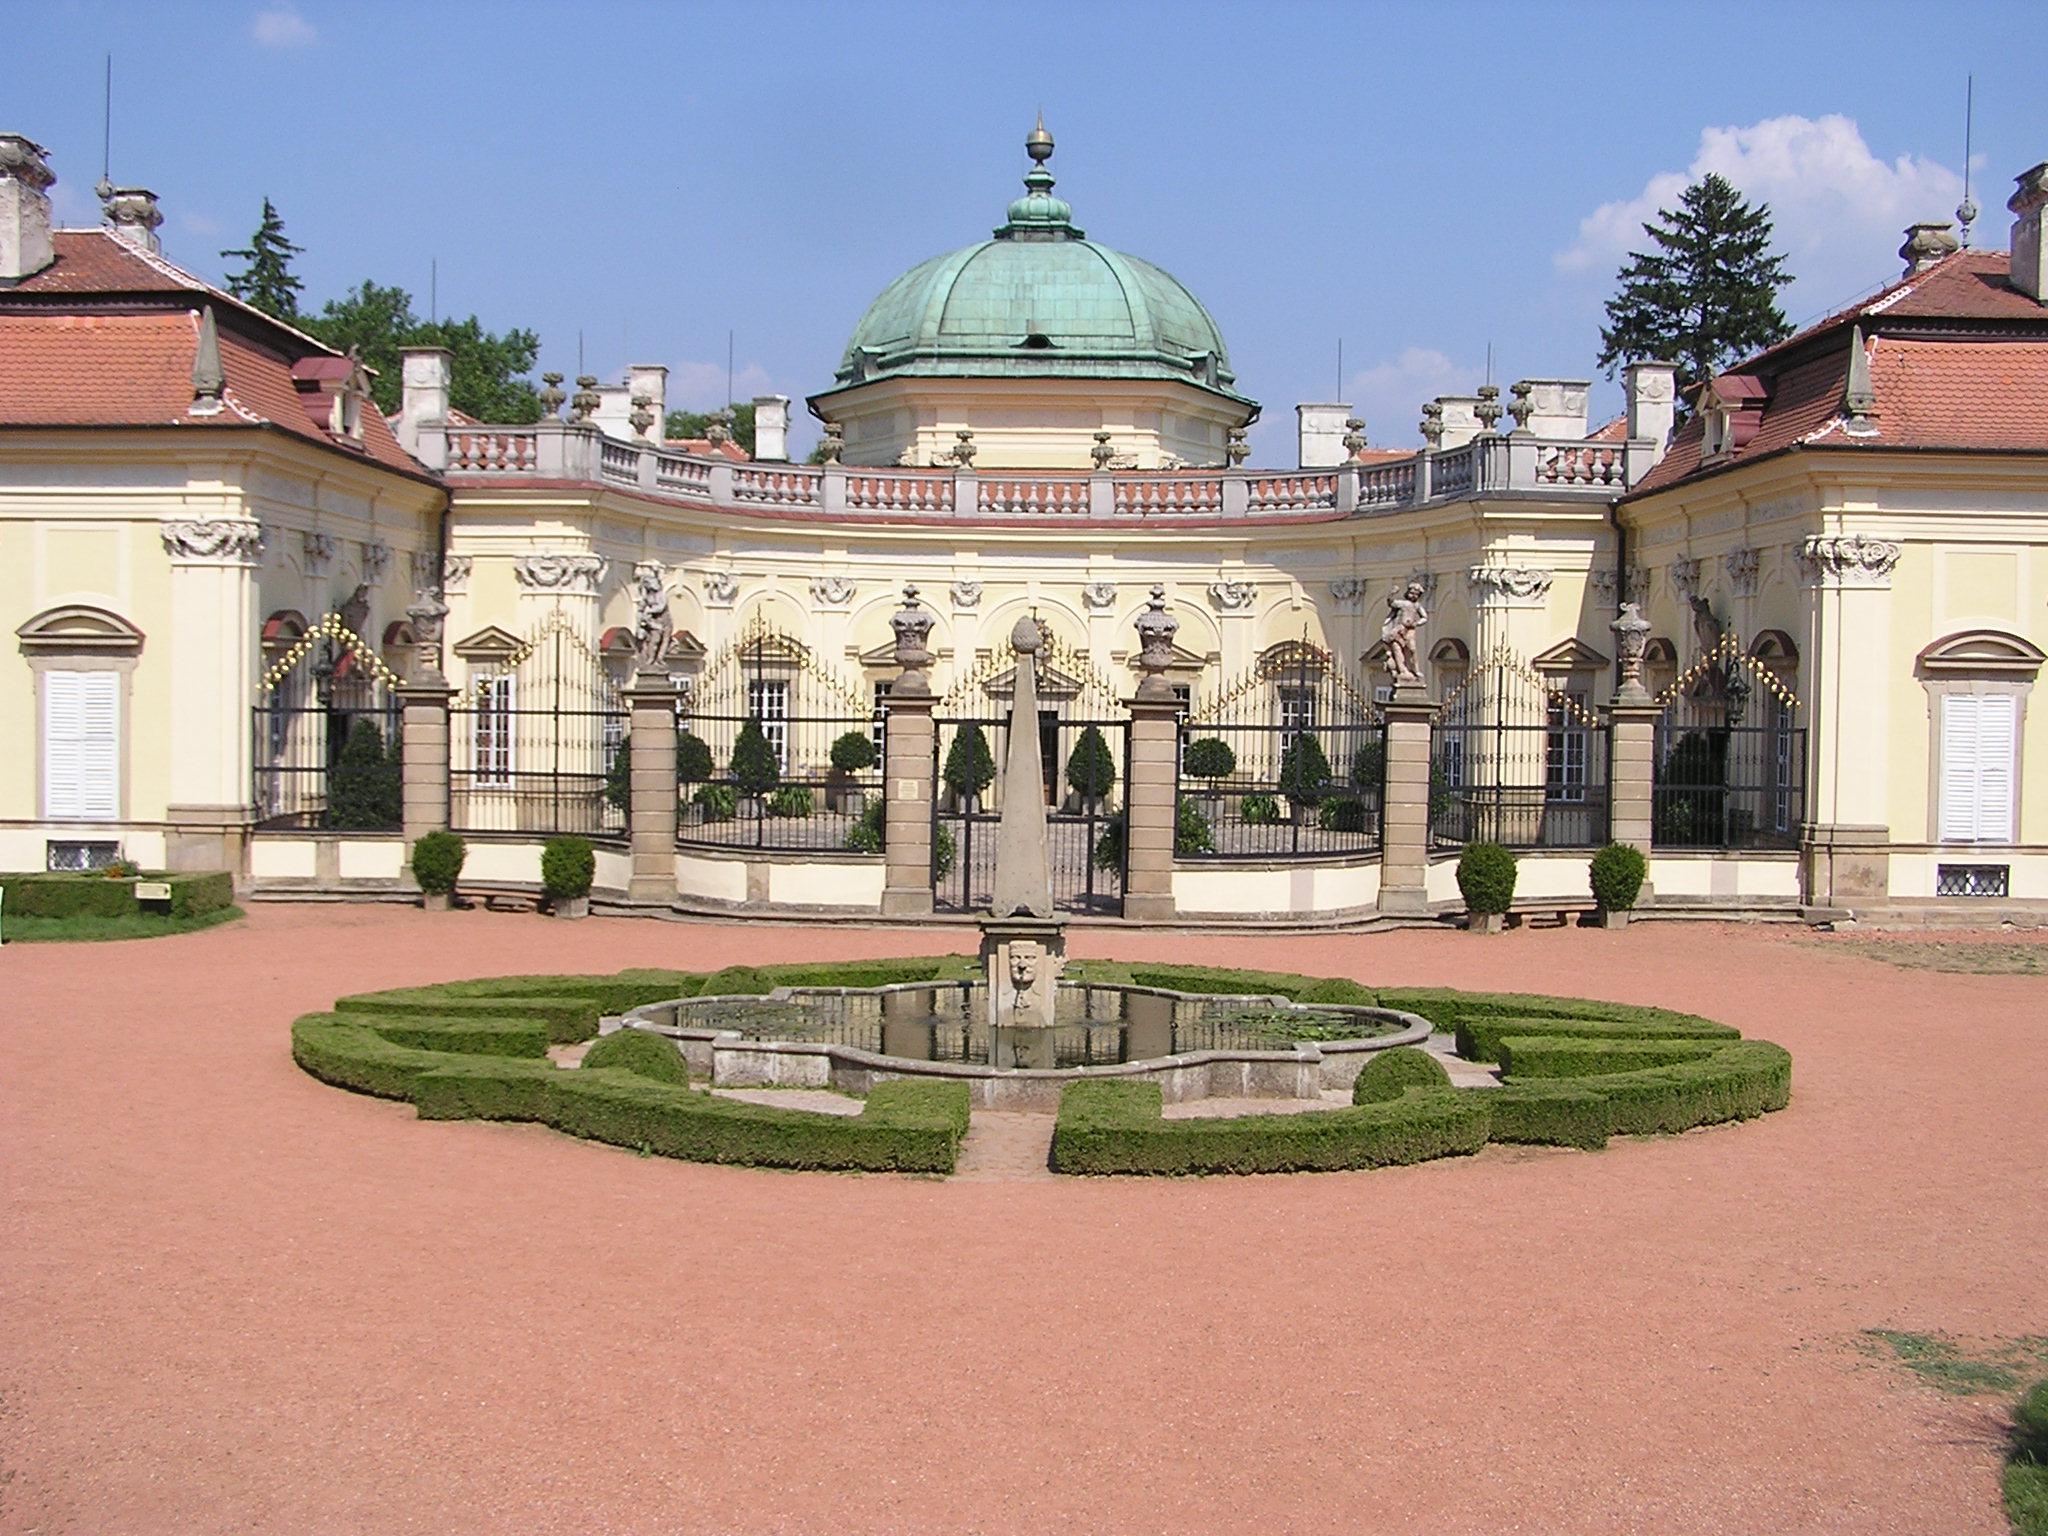 Více informací o památkách kroměřížska zde